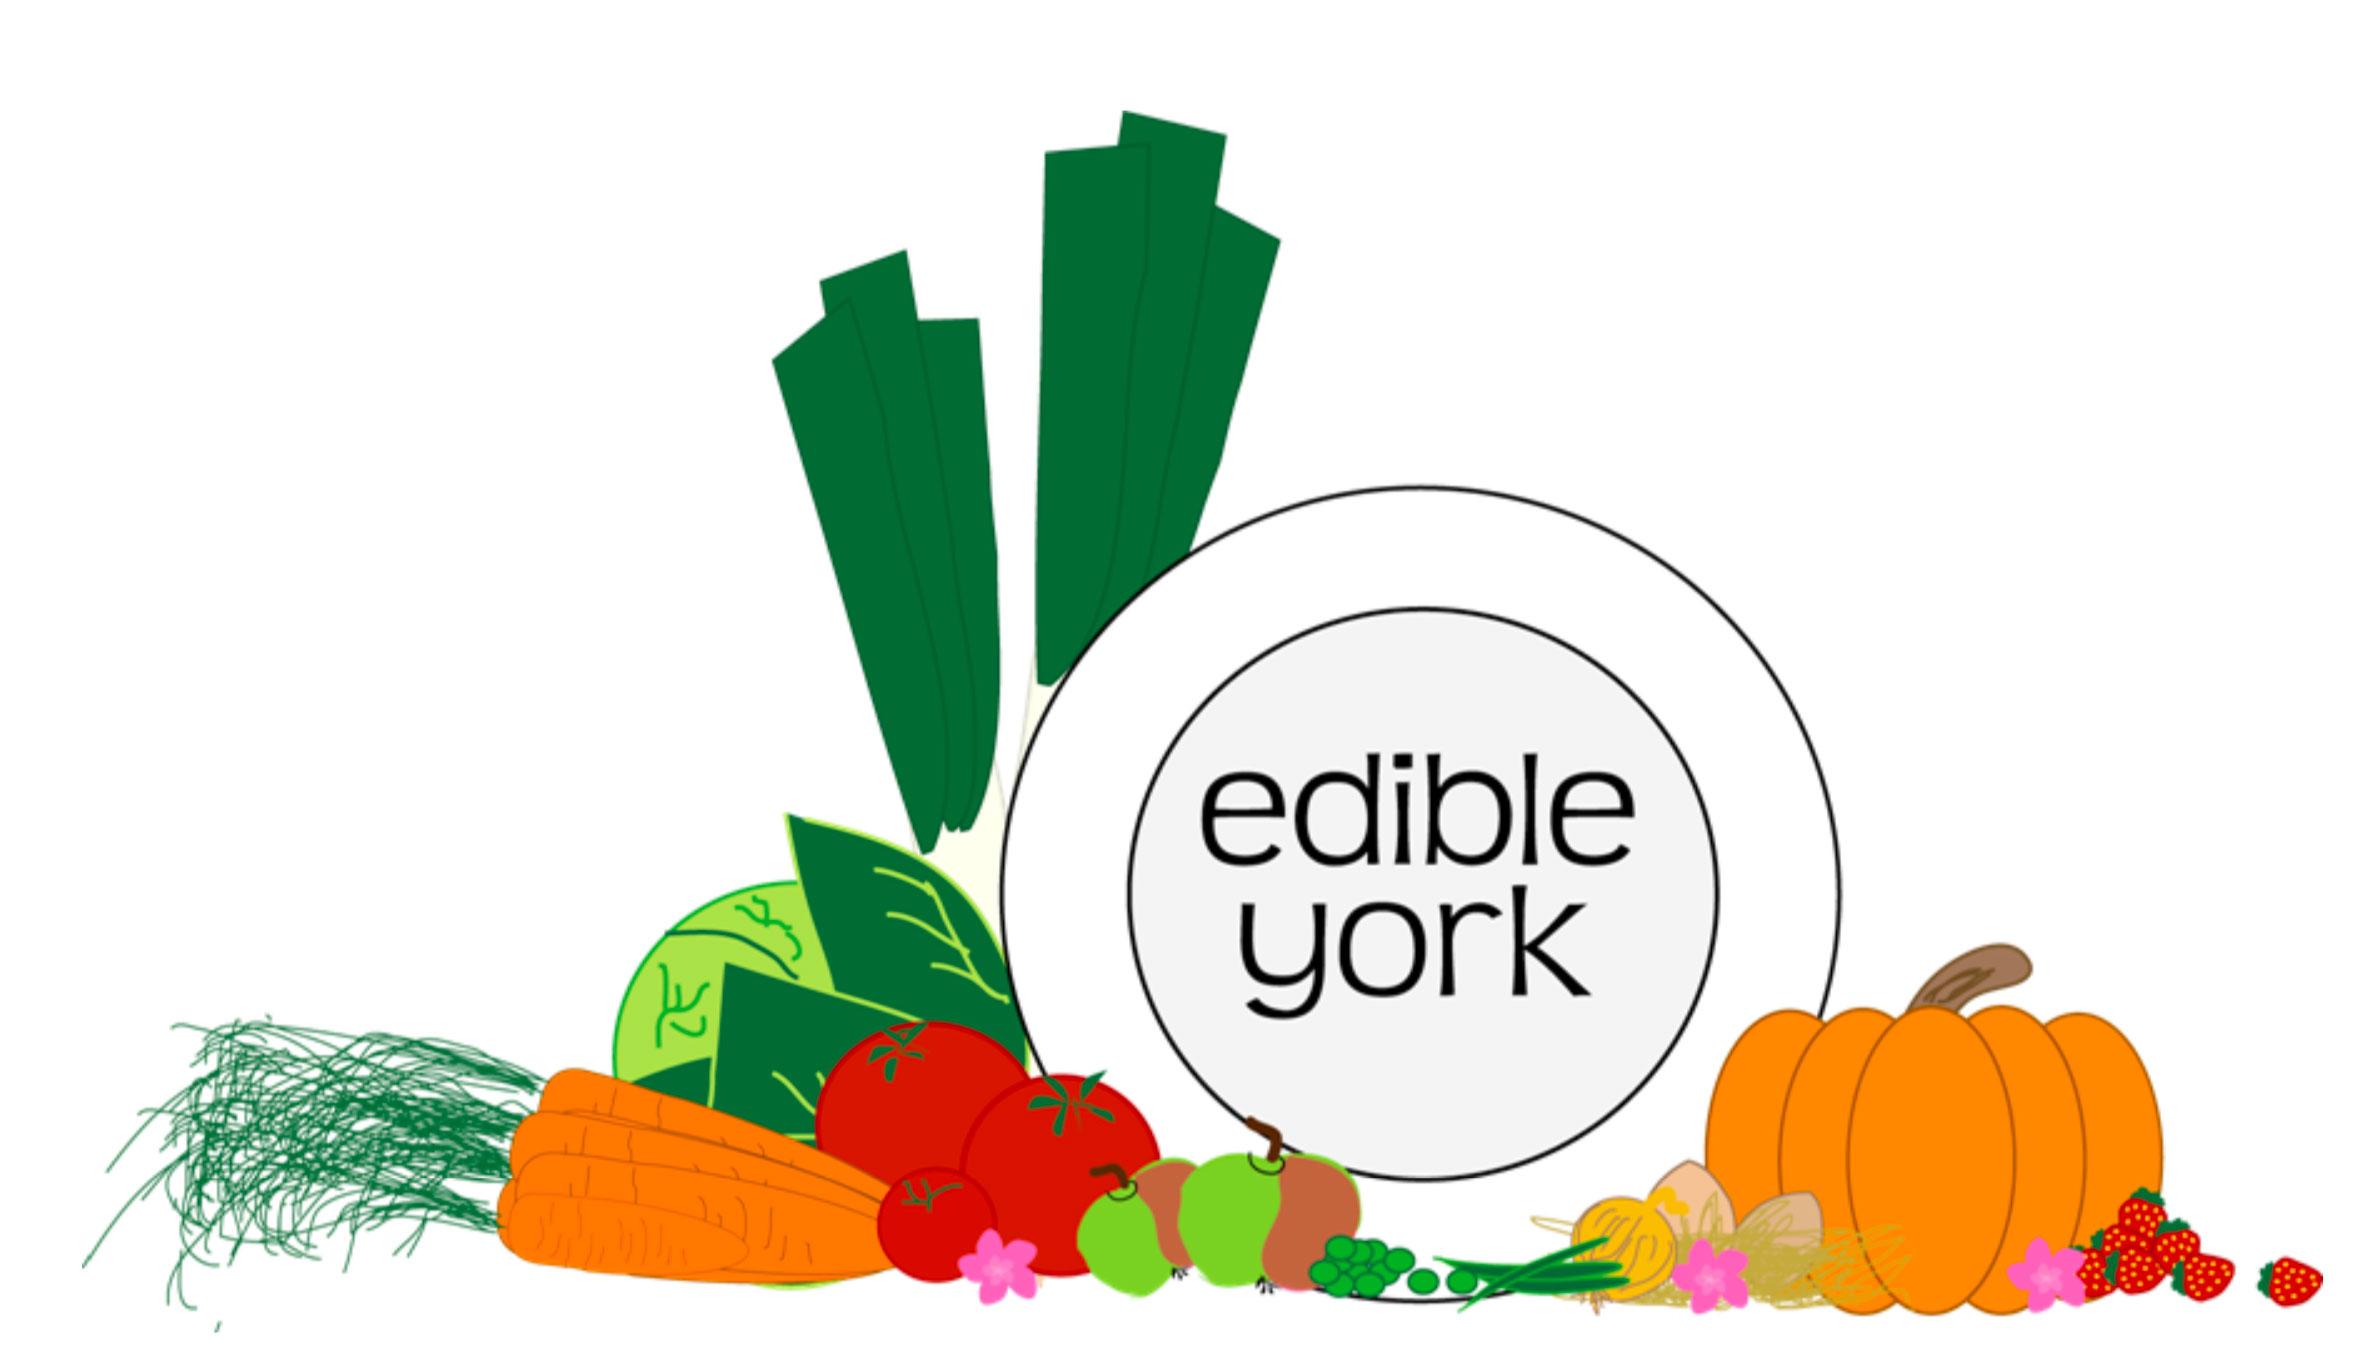 Edible York Previous Logo